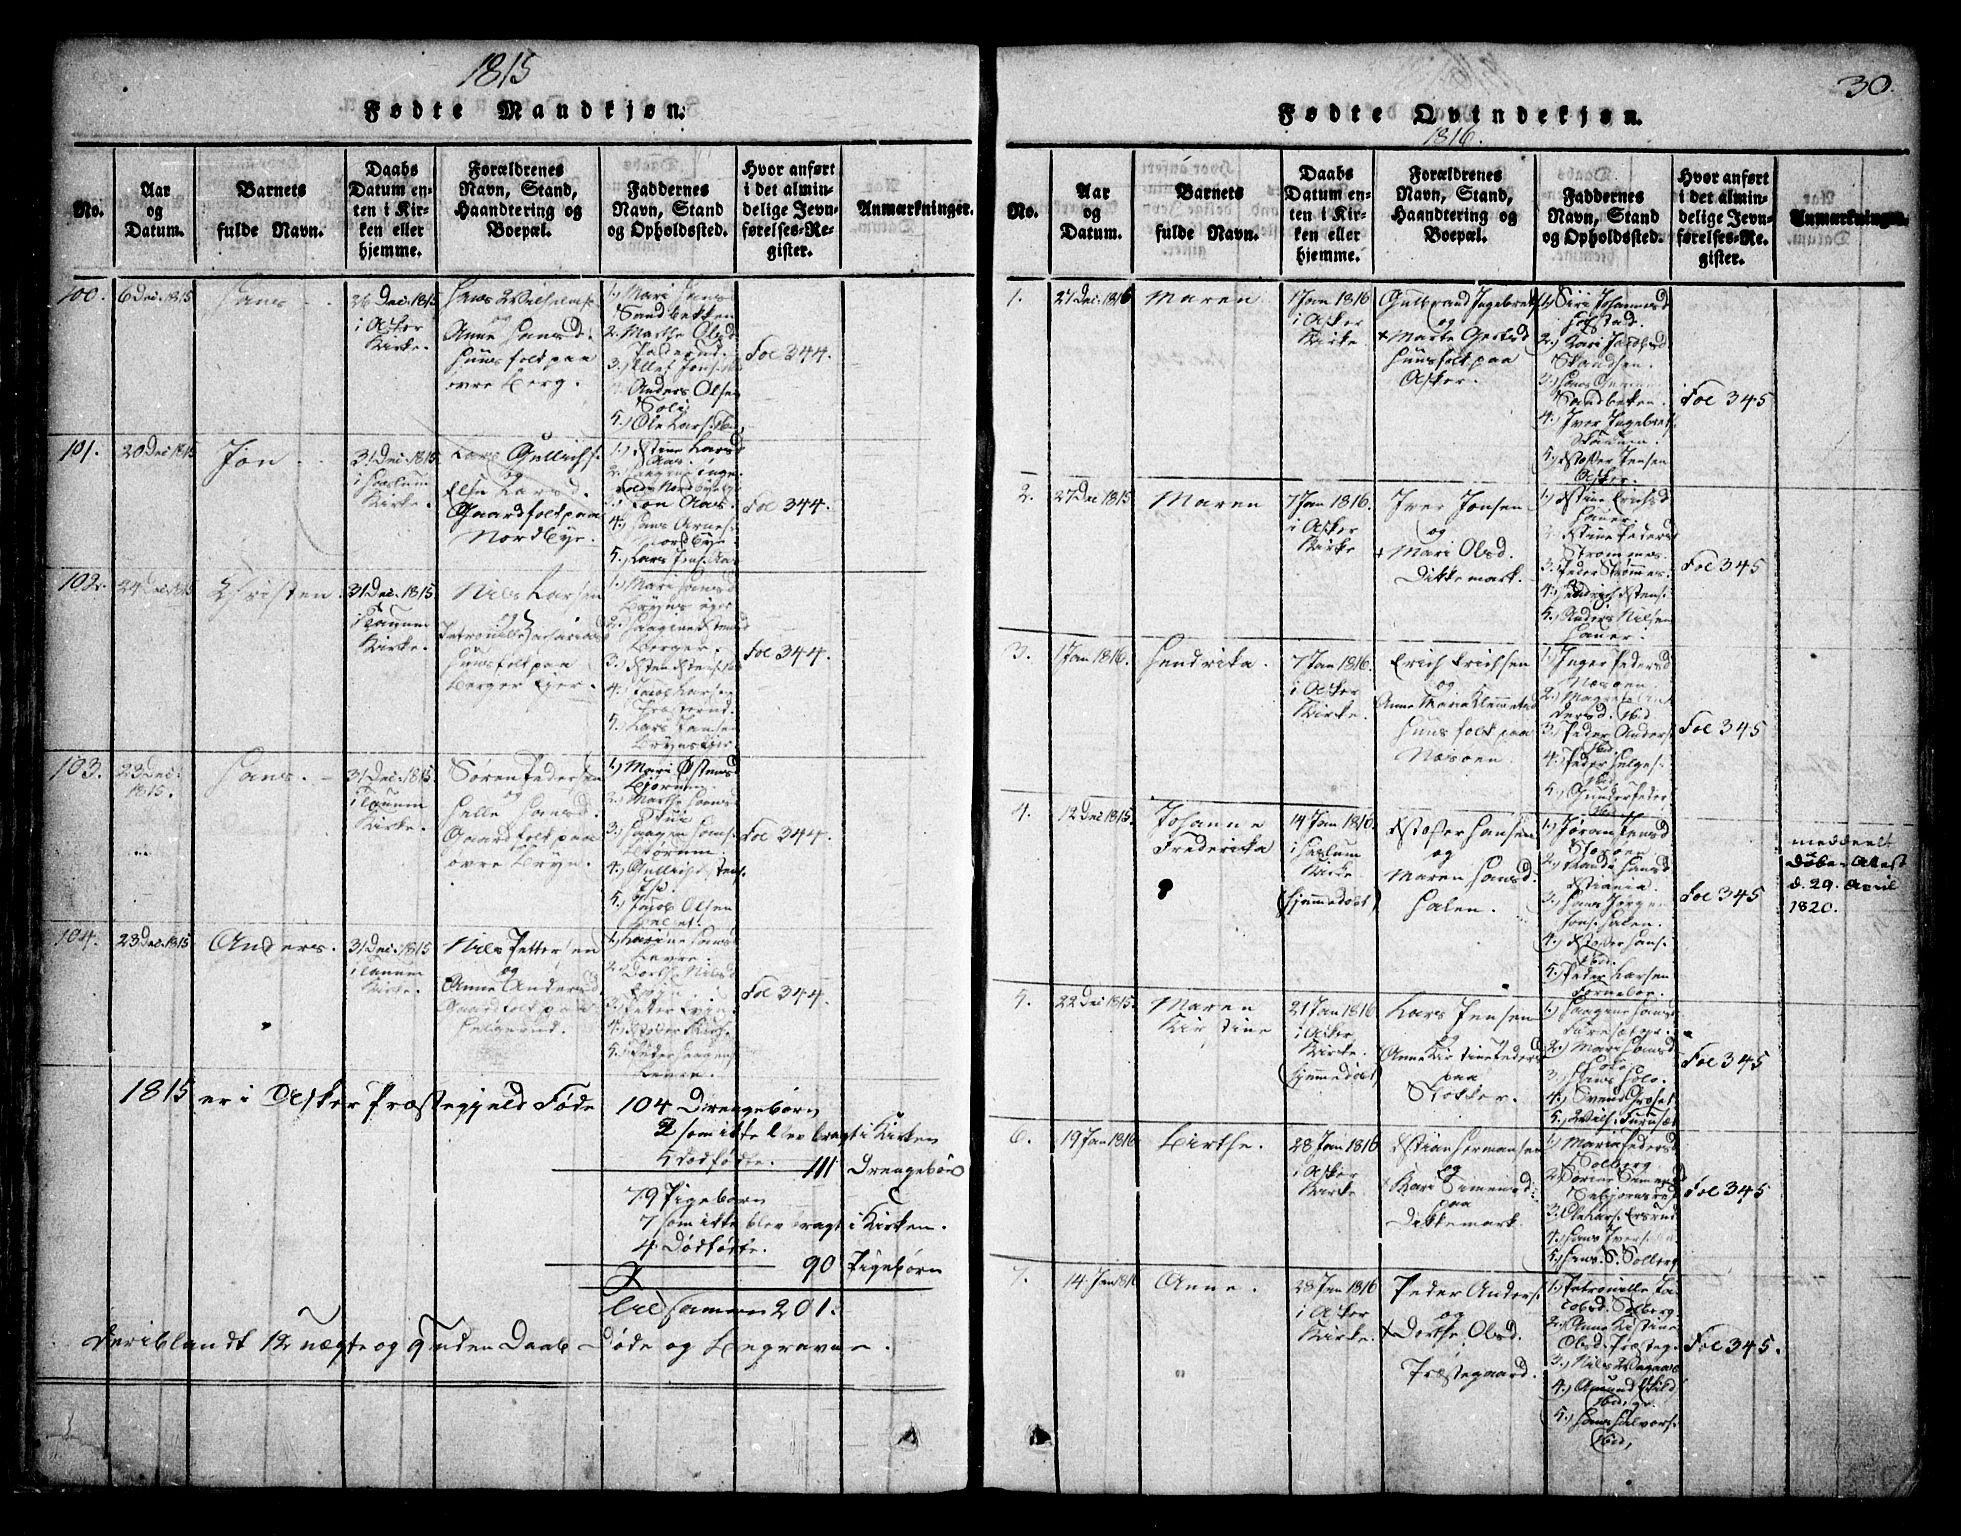 SAO, Asker prestekontor Kirkebøker, F/Fa/L0006: Ministerialbok nr. I 6, 1814-1824, s. 30